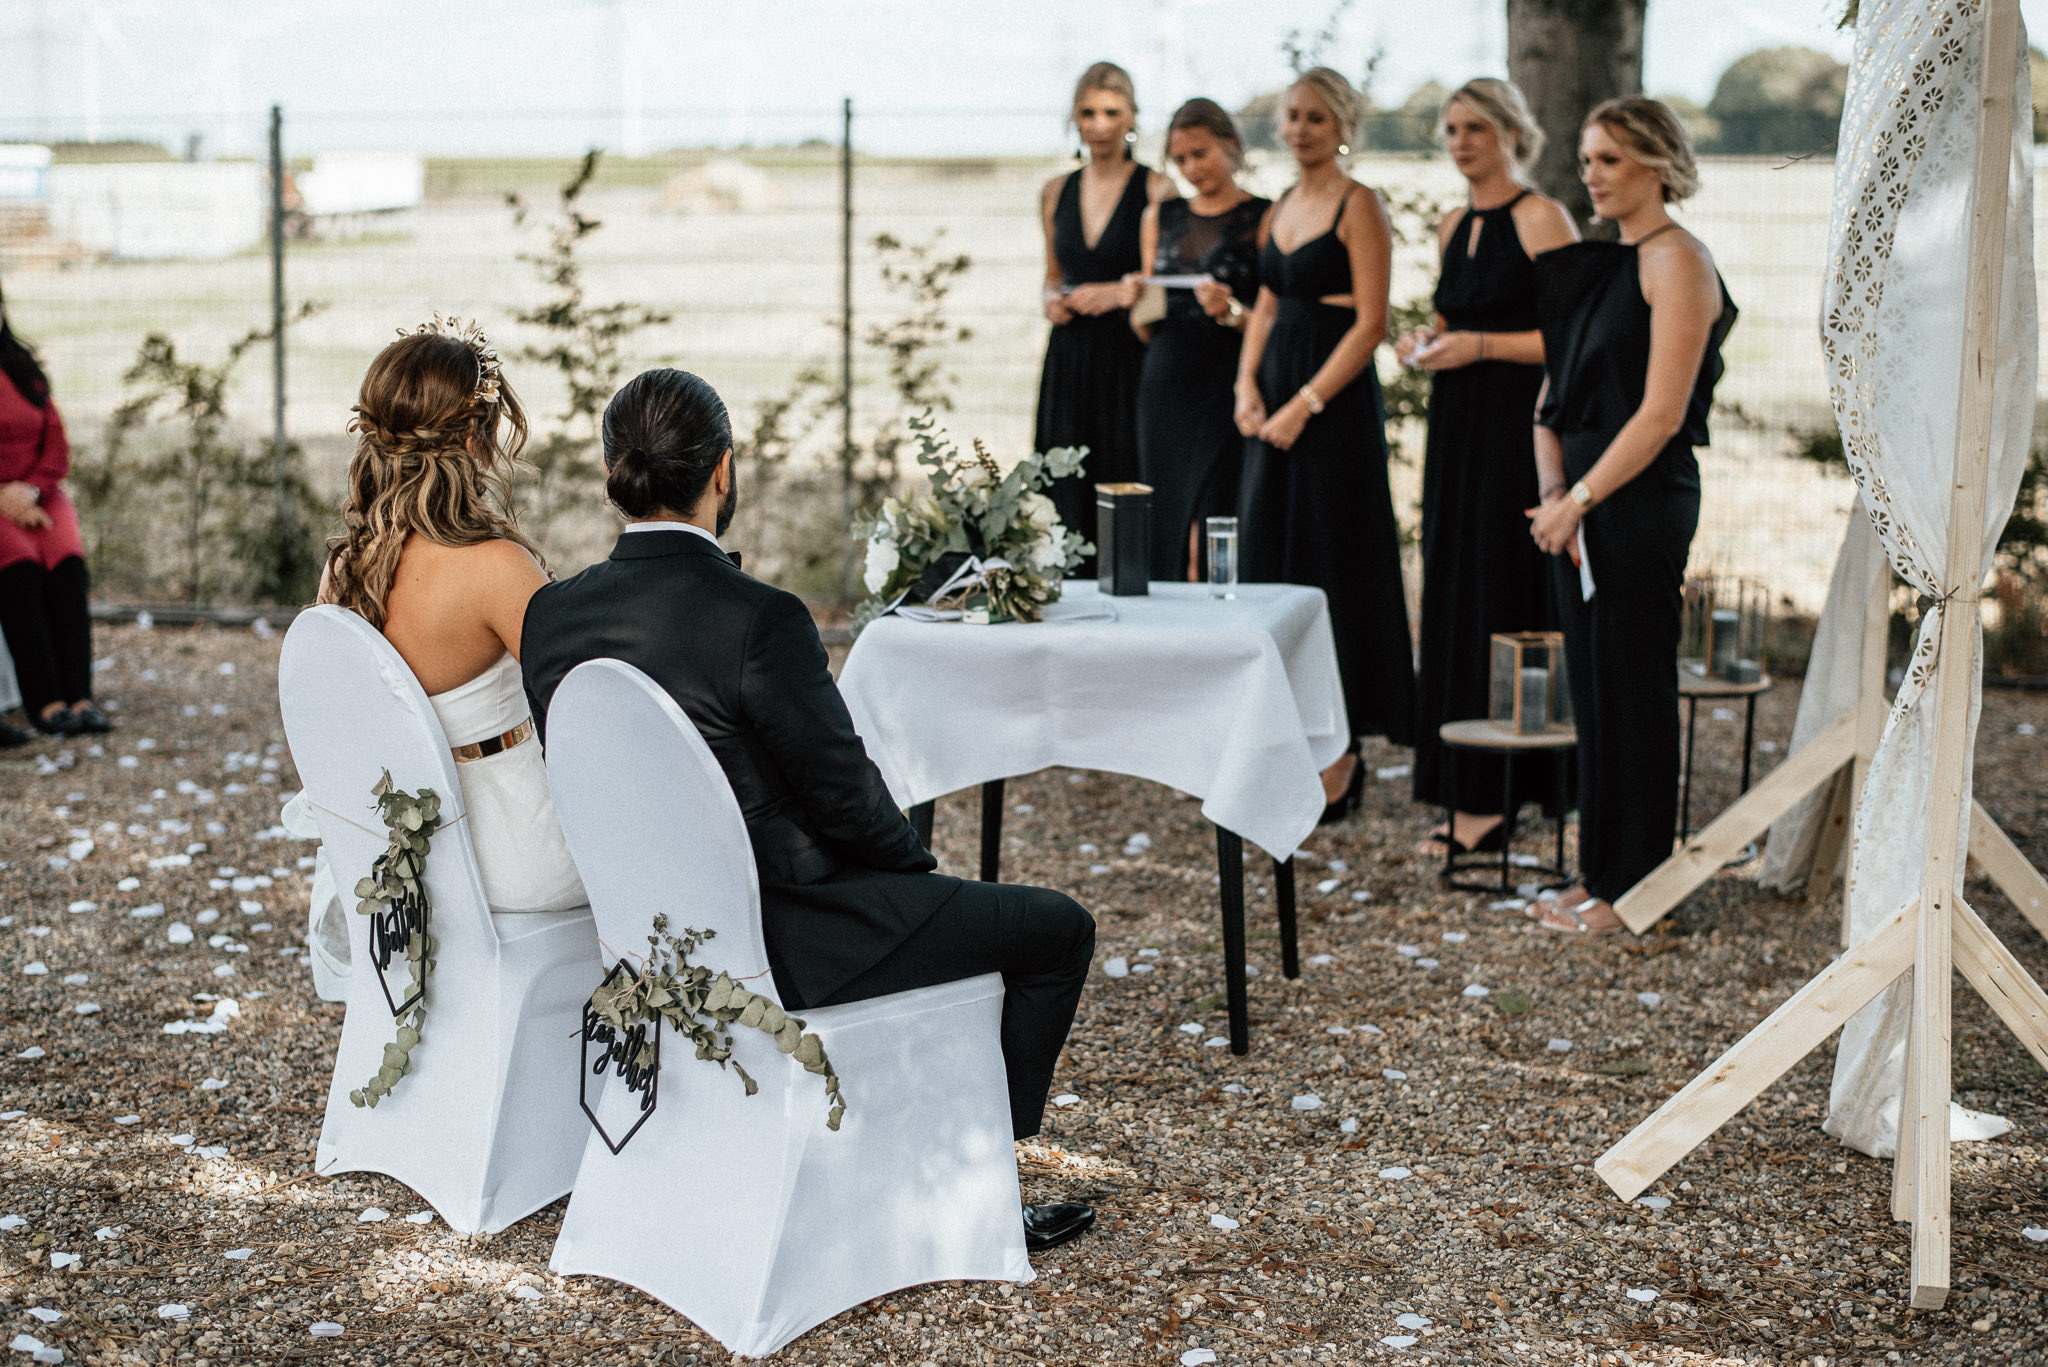 Timo Hess Fotografie Hochzeitsfotograf Leipzig Hochzeitsreportage Köln Michelle Und Aysuns Freie Trauung In Köln Kabelwerk Köln